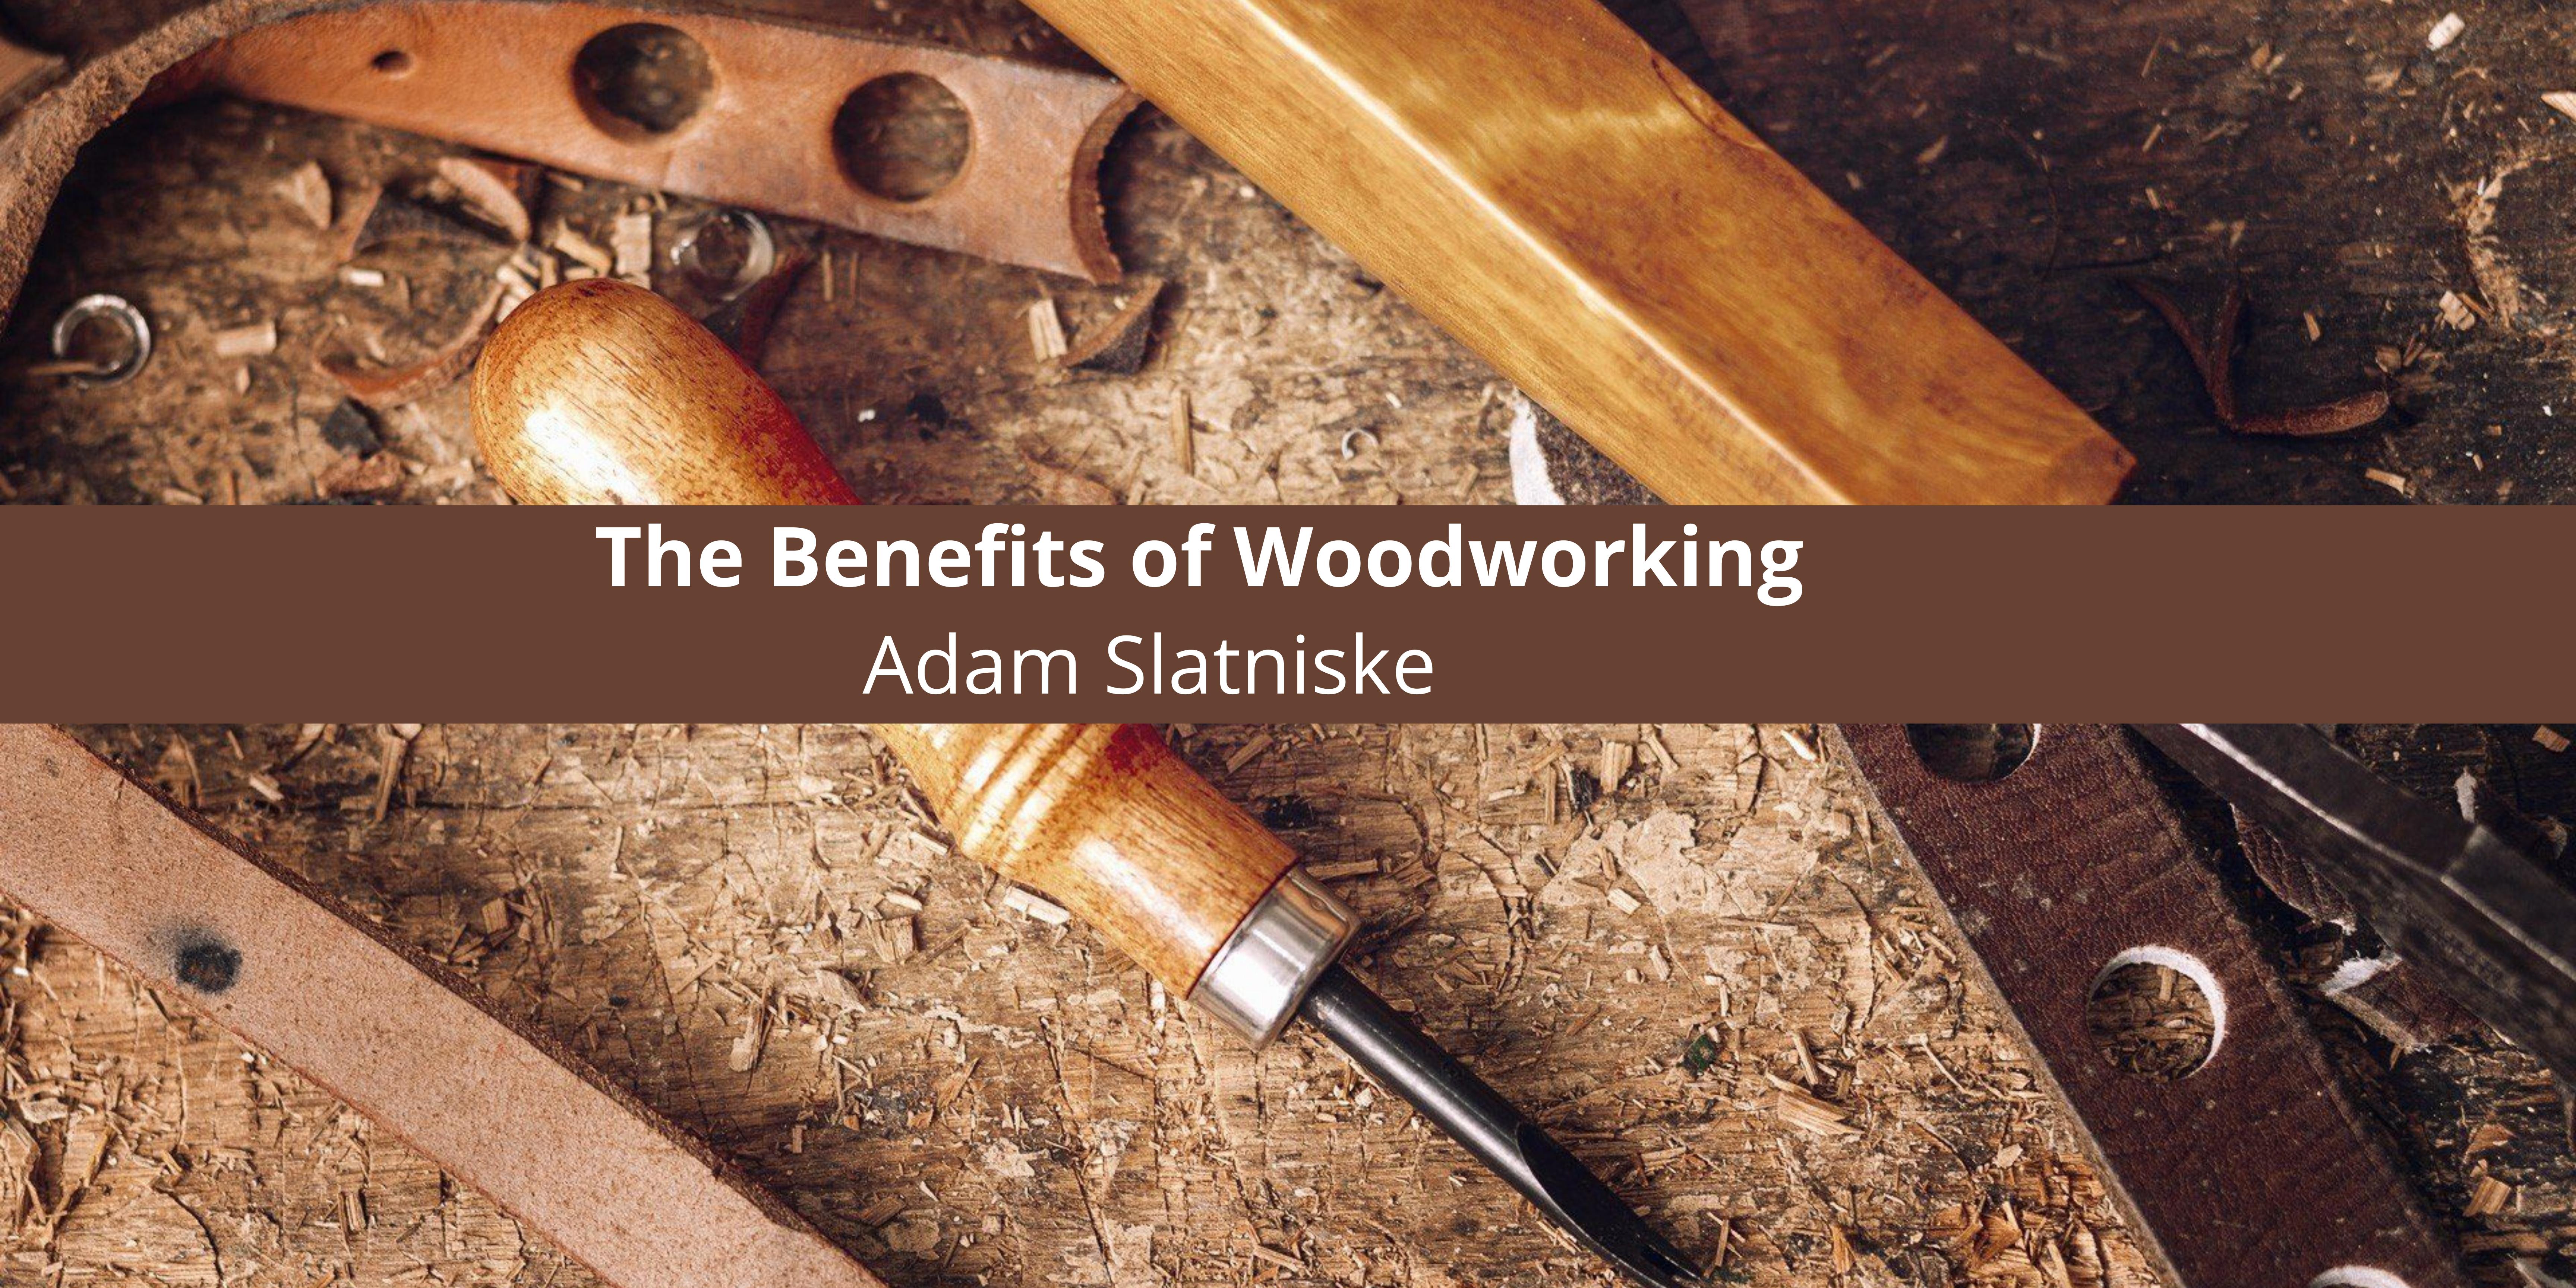 Adam Slatniske Discusses the Benefits of Woodworking